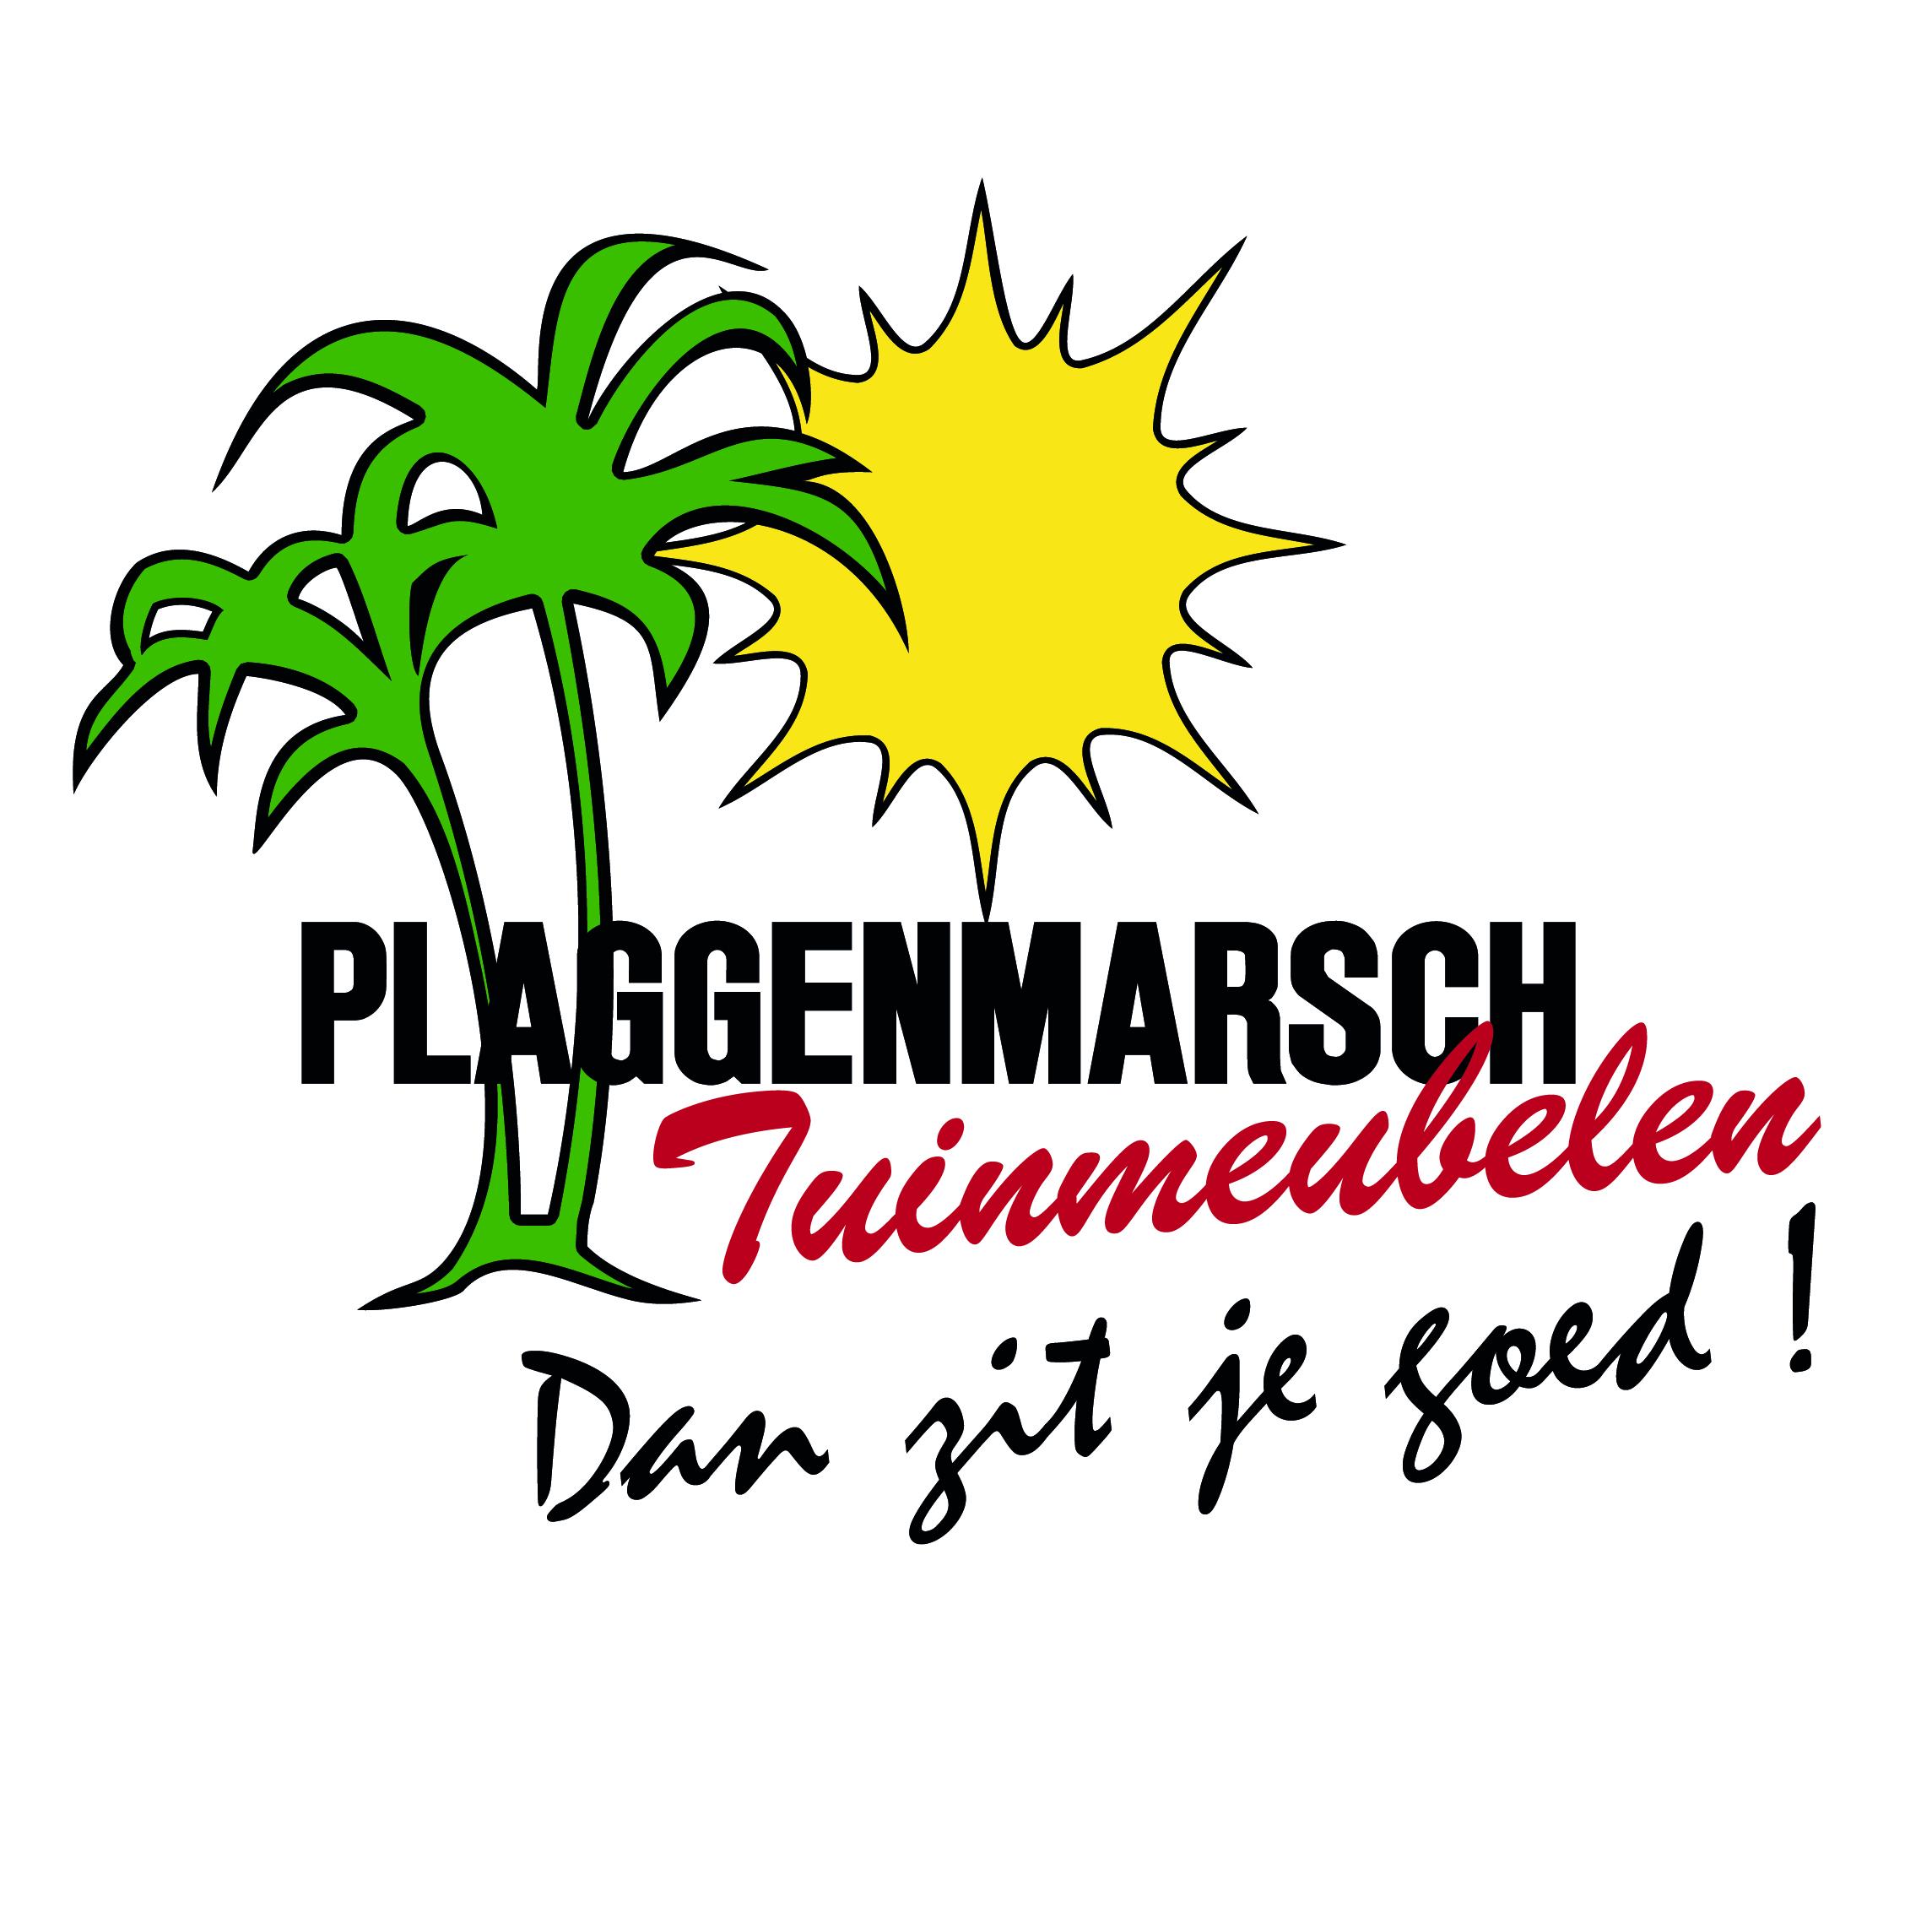 PLAGGENMARSCH